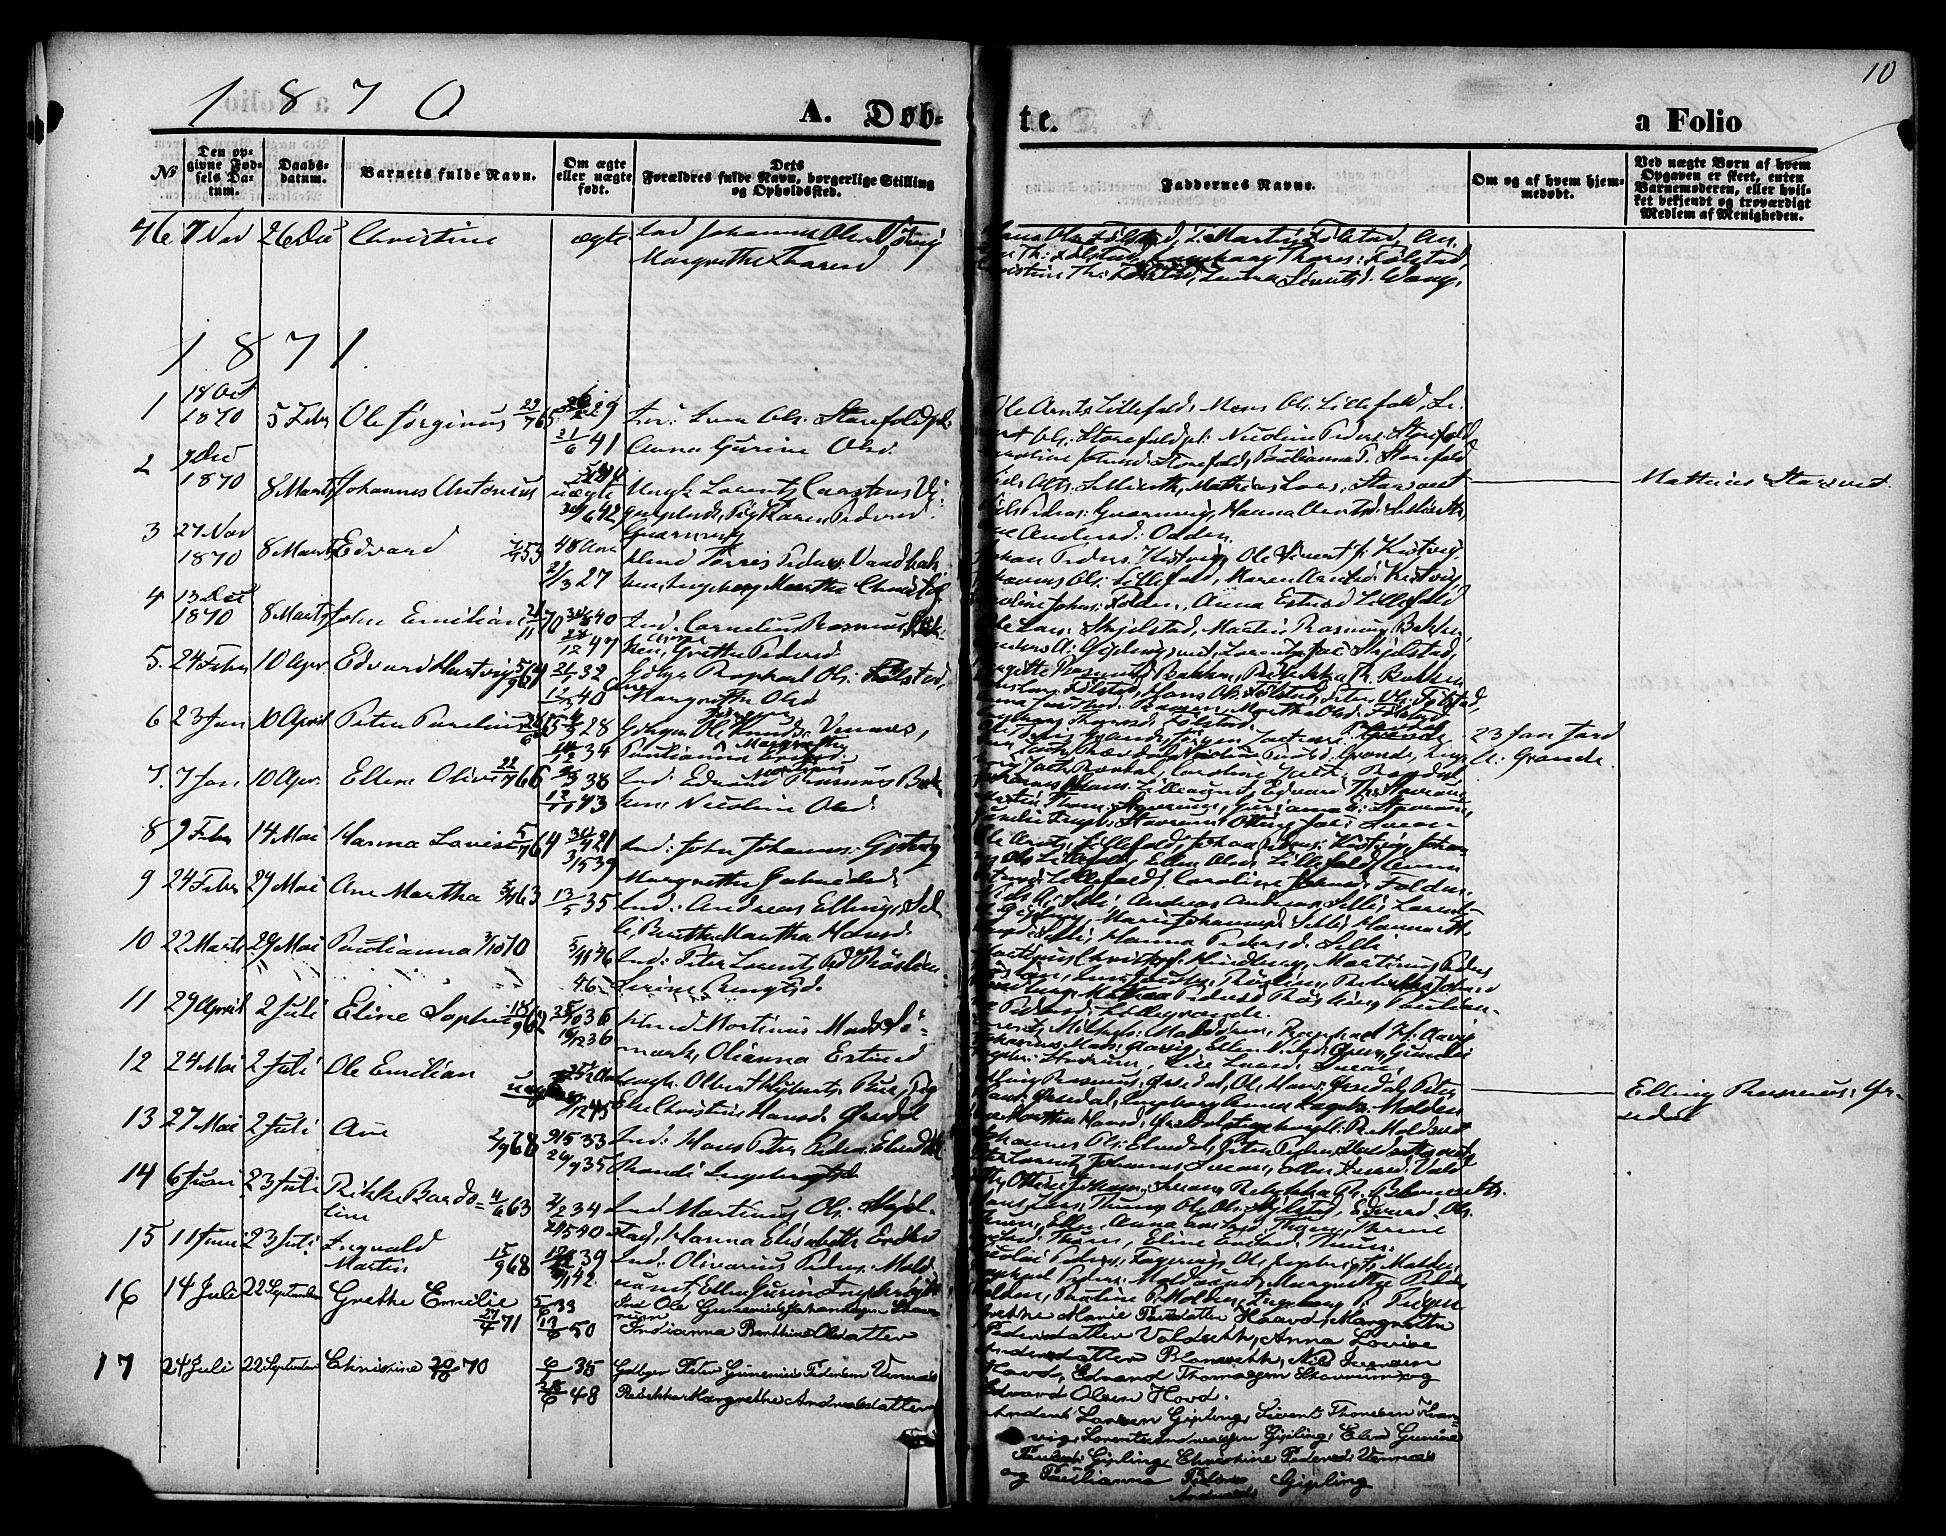 SAT, Ministerialprotokoller, klokkerbøker og fødselsregistre - Nord-Trøndelag, 744/L0419: Ministerialbok nr. 744A03, 1867-1881, s. 10